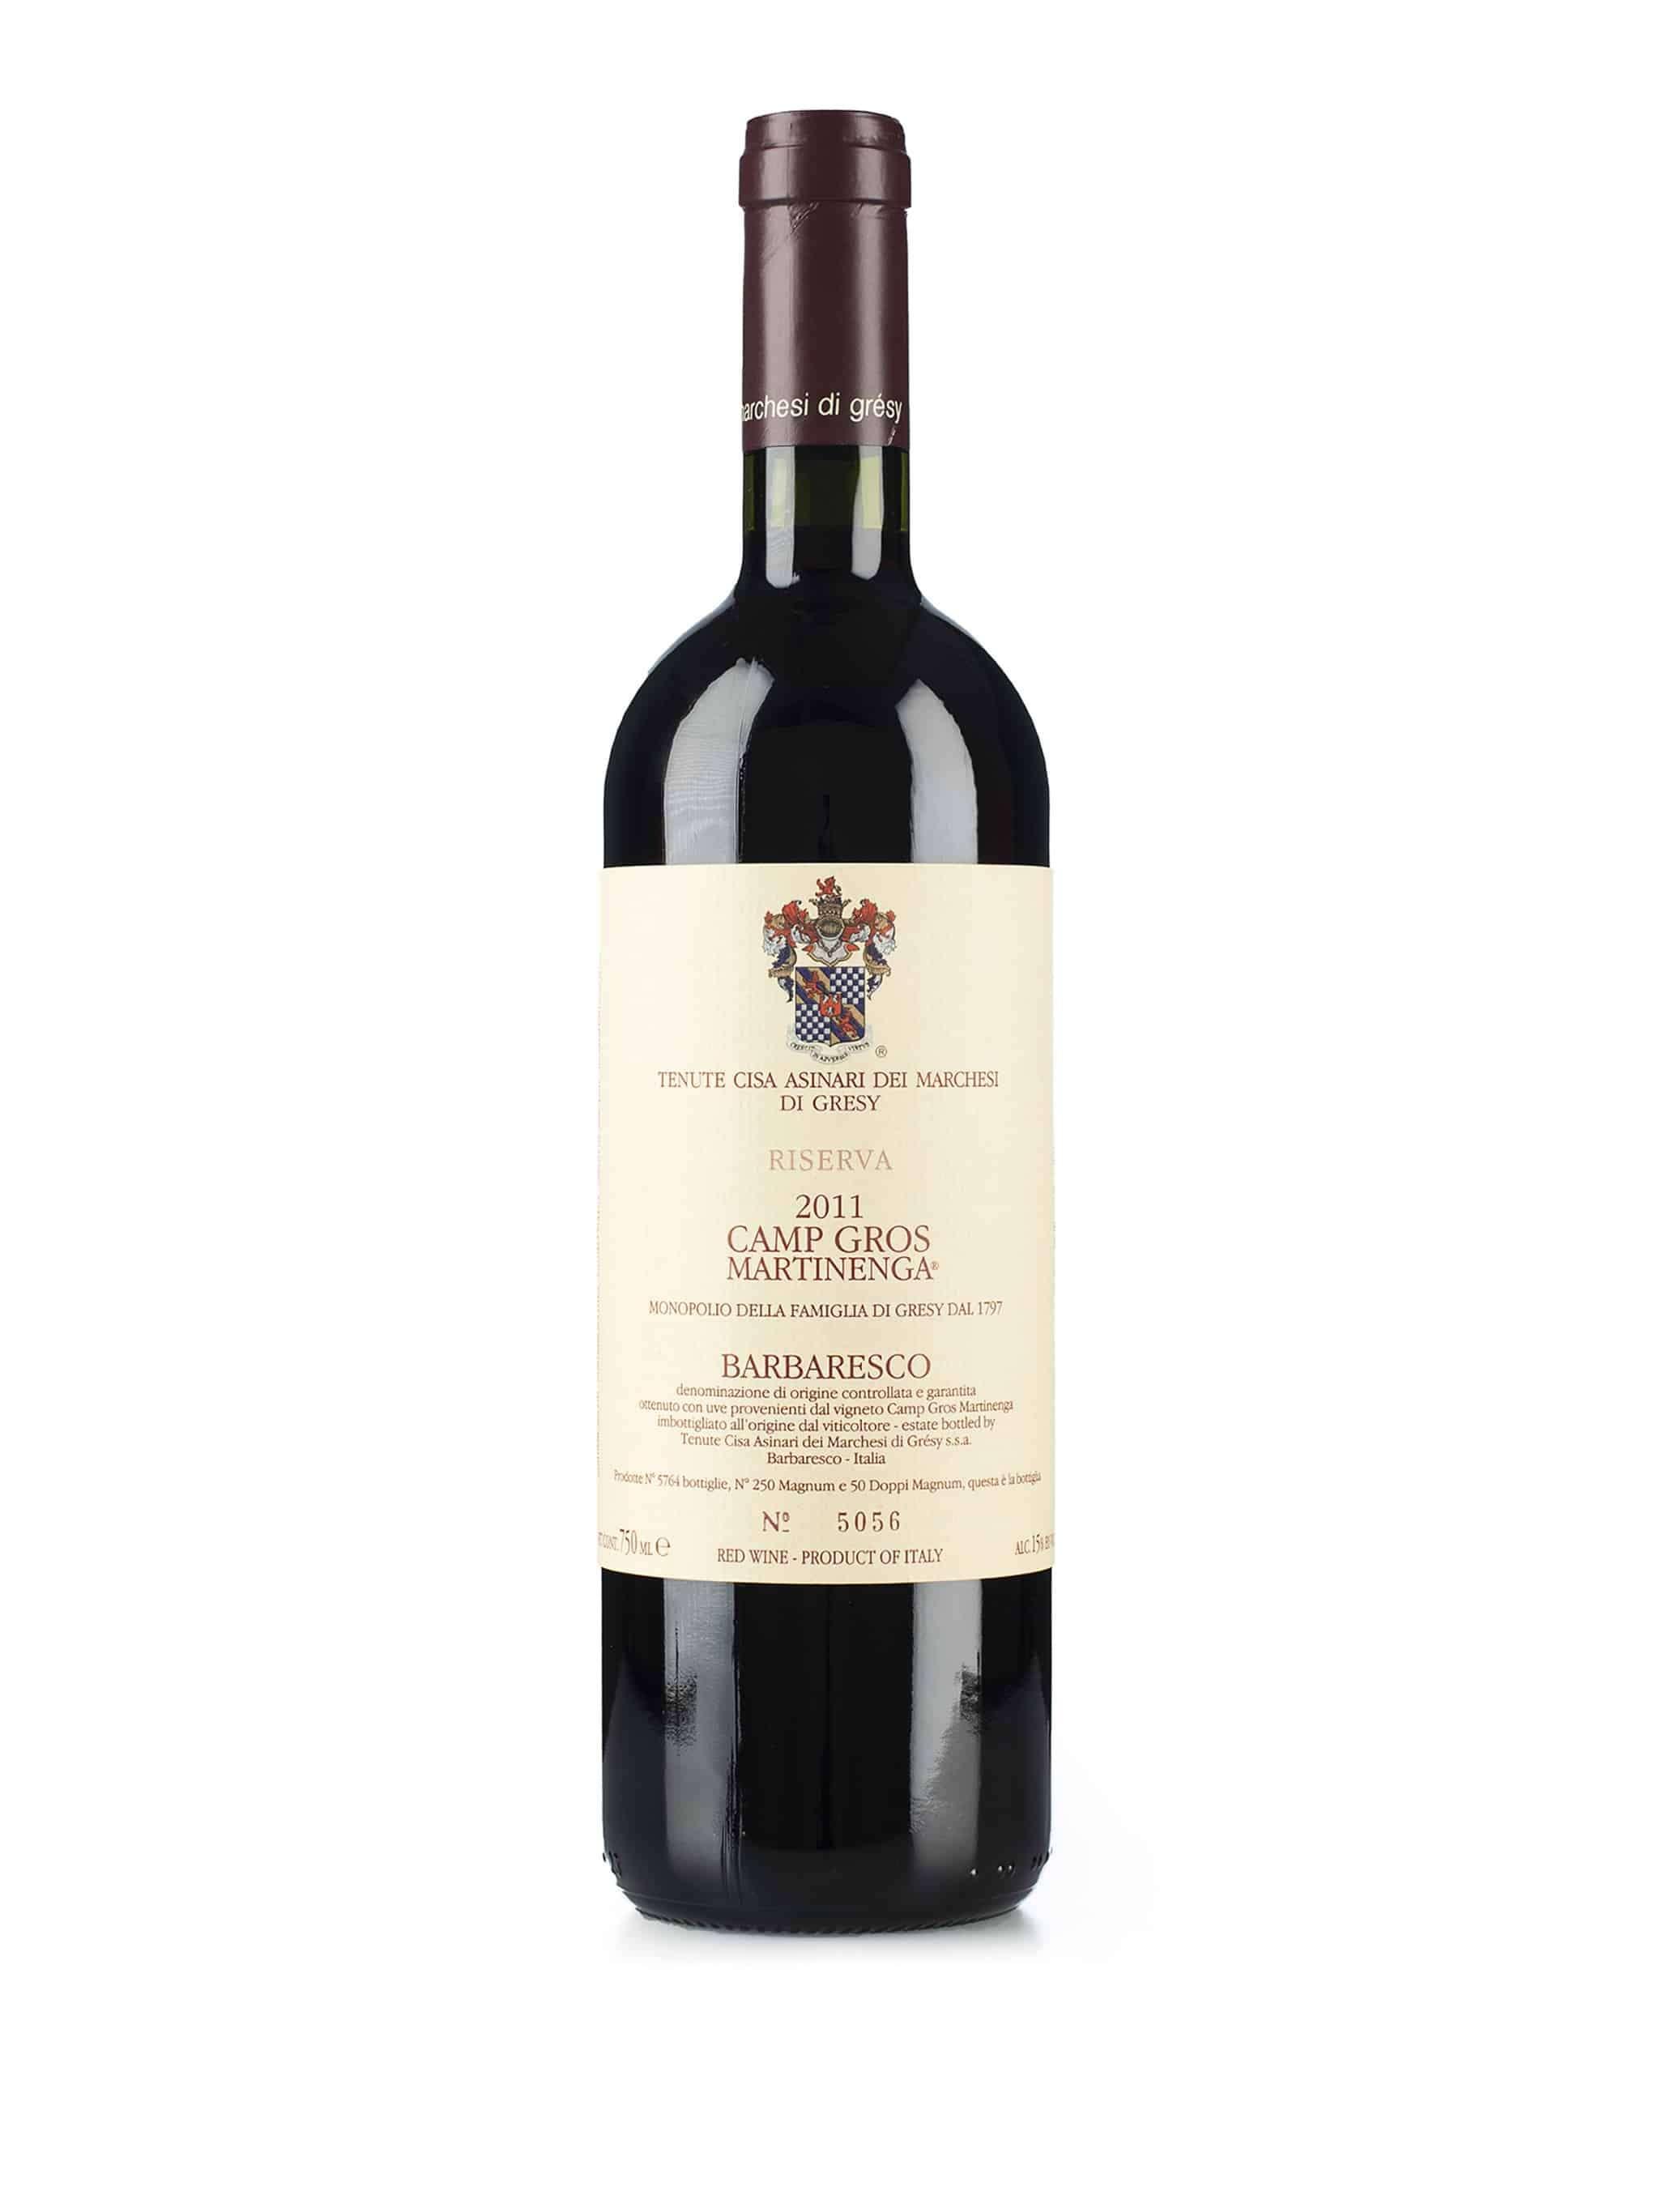 Italiaanse rode wijn van wijndomein Cisa Asinari dei Marchesi di Gresy: Barbaresco 'Camp Gros' Martinenga